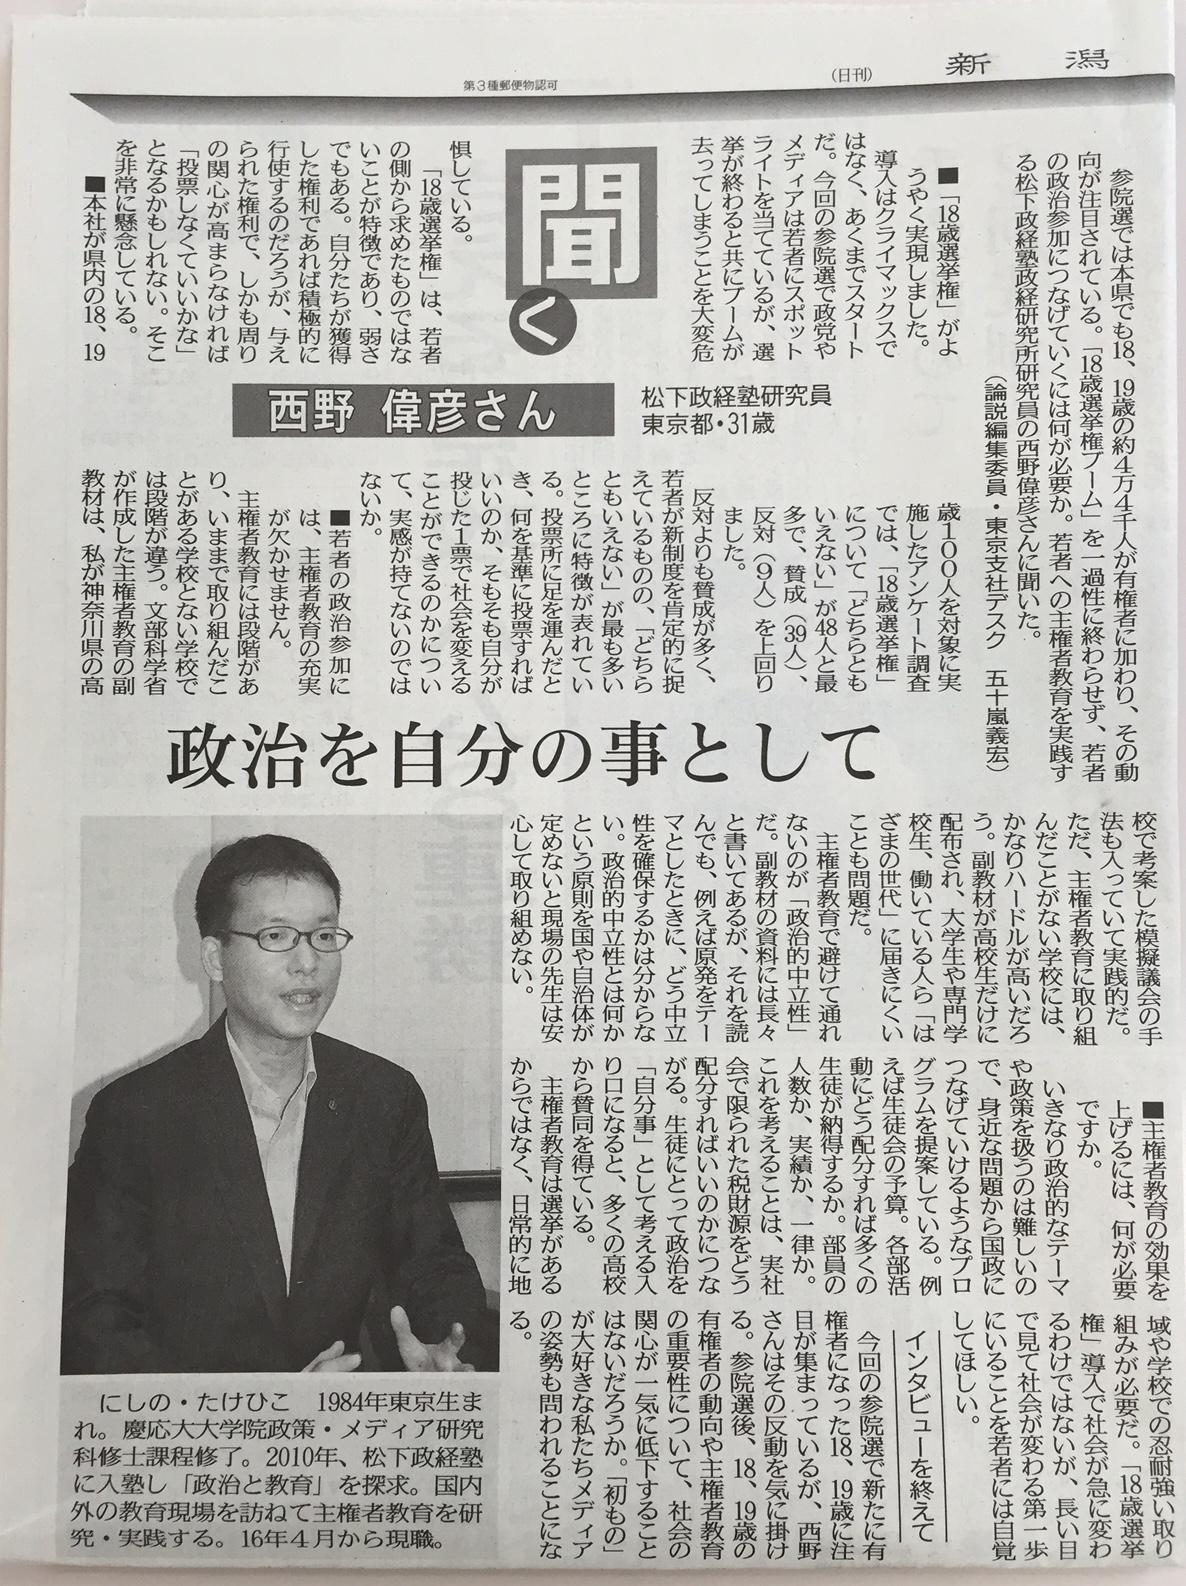 20160702新潟日報朝刊(西野研究員)